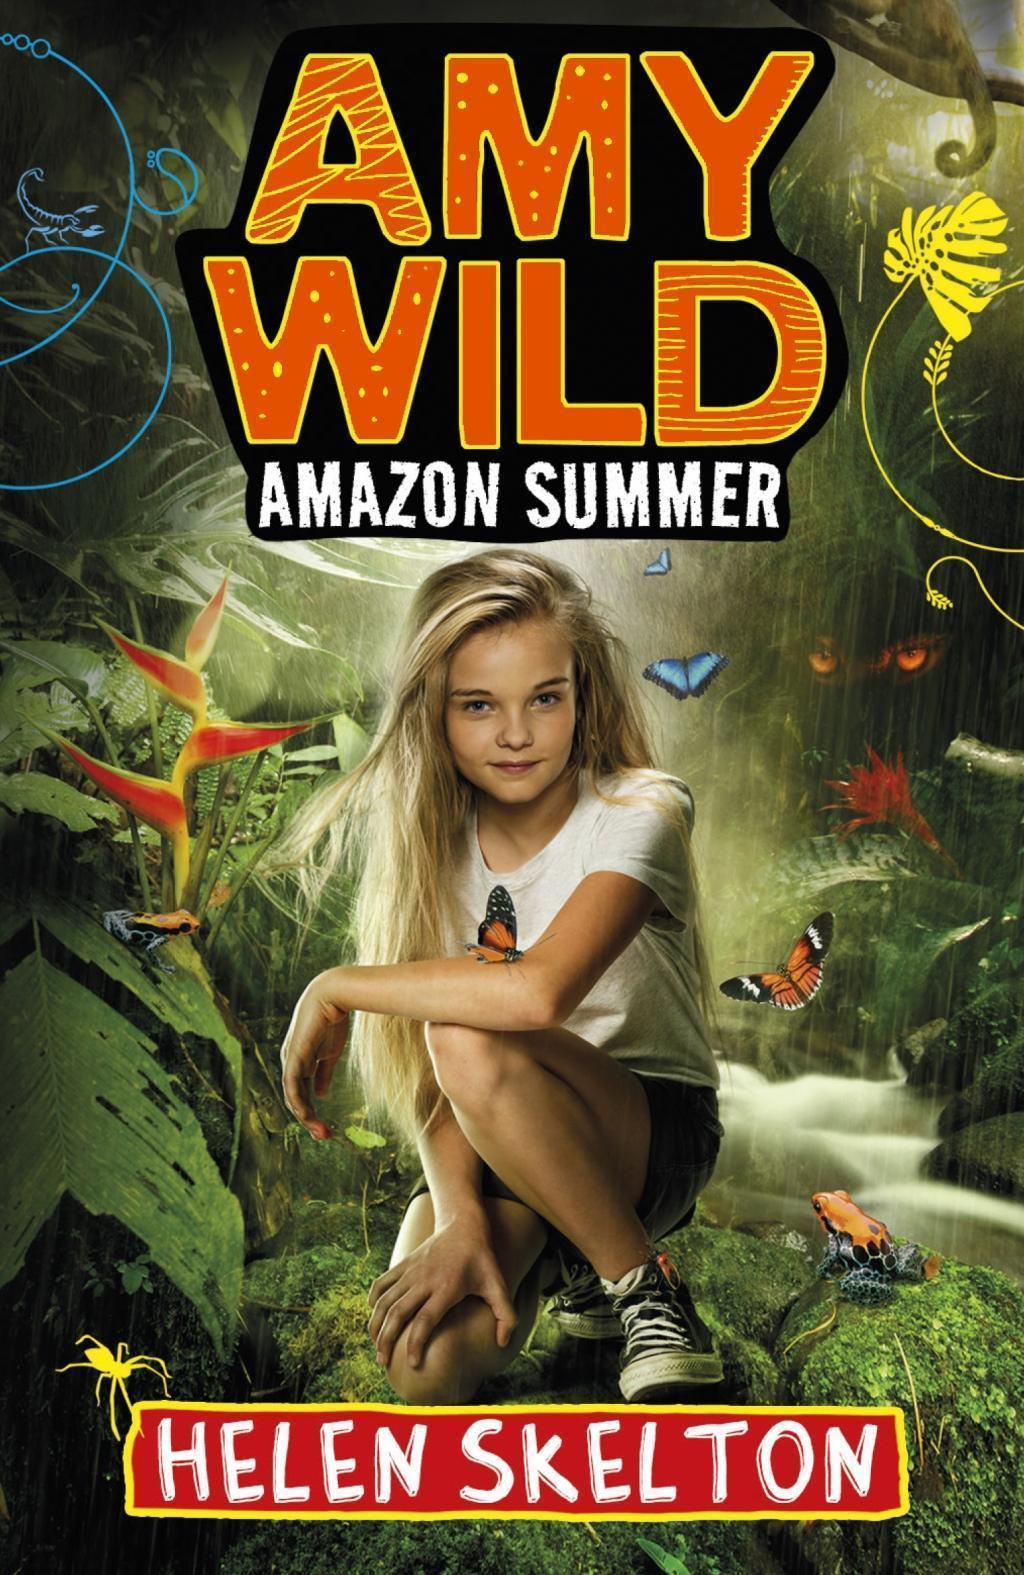 Amy Wild: Amazon Summer